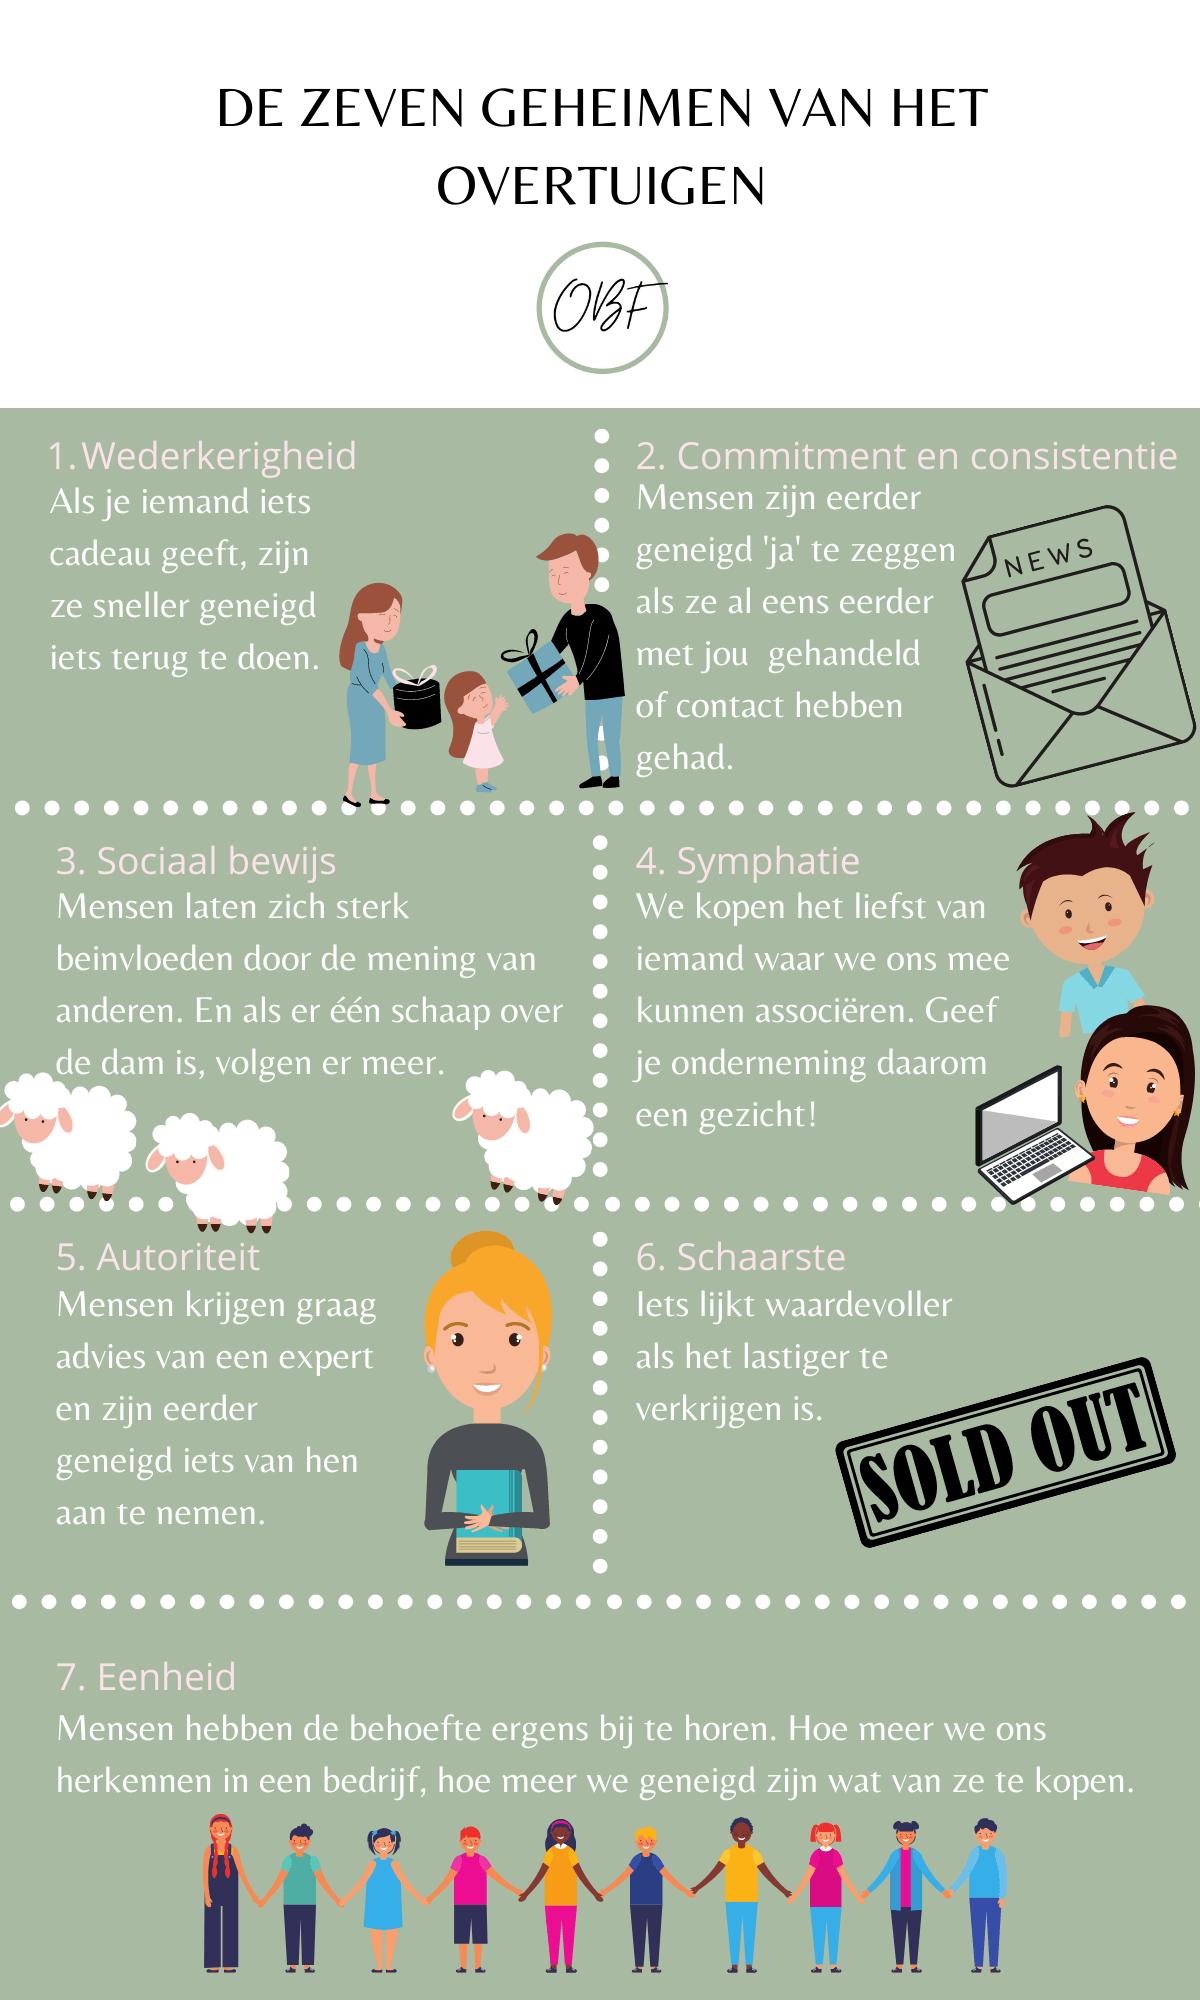 De 7 geheimen van overtuigen in een infographic